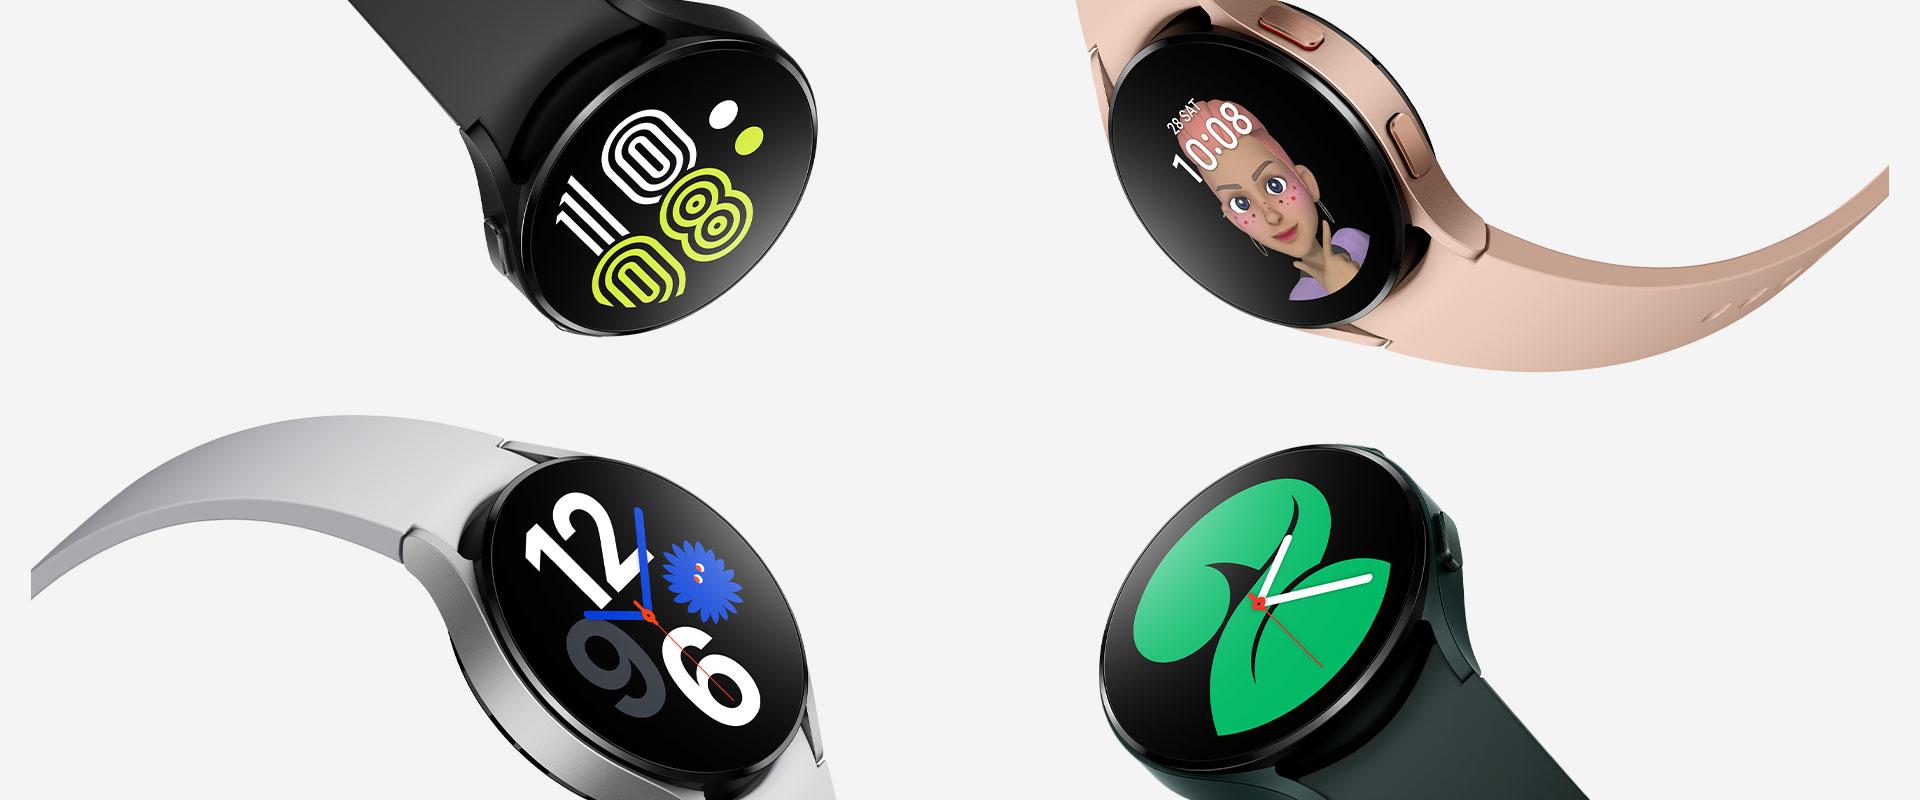 Četiri Galaxy Watch4 uređaja grupirana su zajedno, na način da se na zaslonu svakoga od njih ističu različiti stilovi lica sata uz prikaz vremena. Svaki je sat različite boje, od crne, ružičastozlatne, zelene do srebrne.